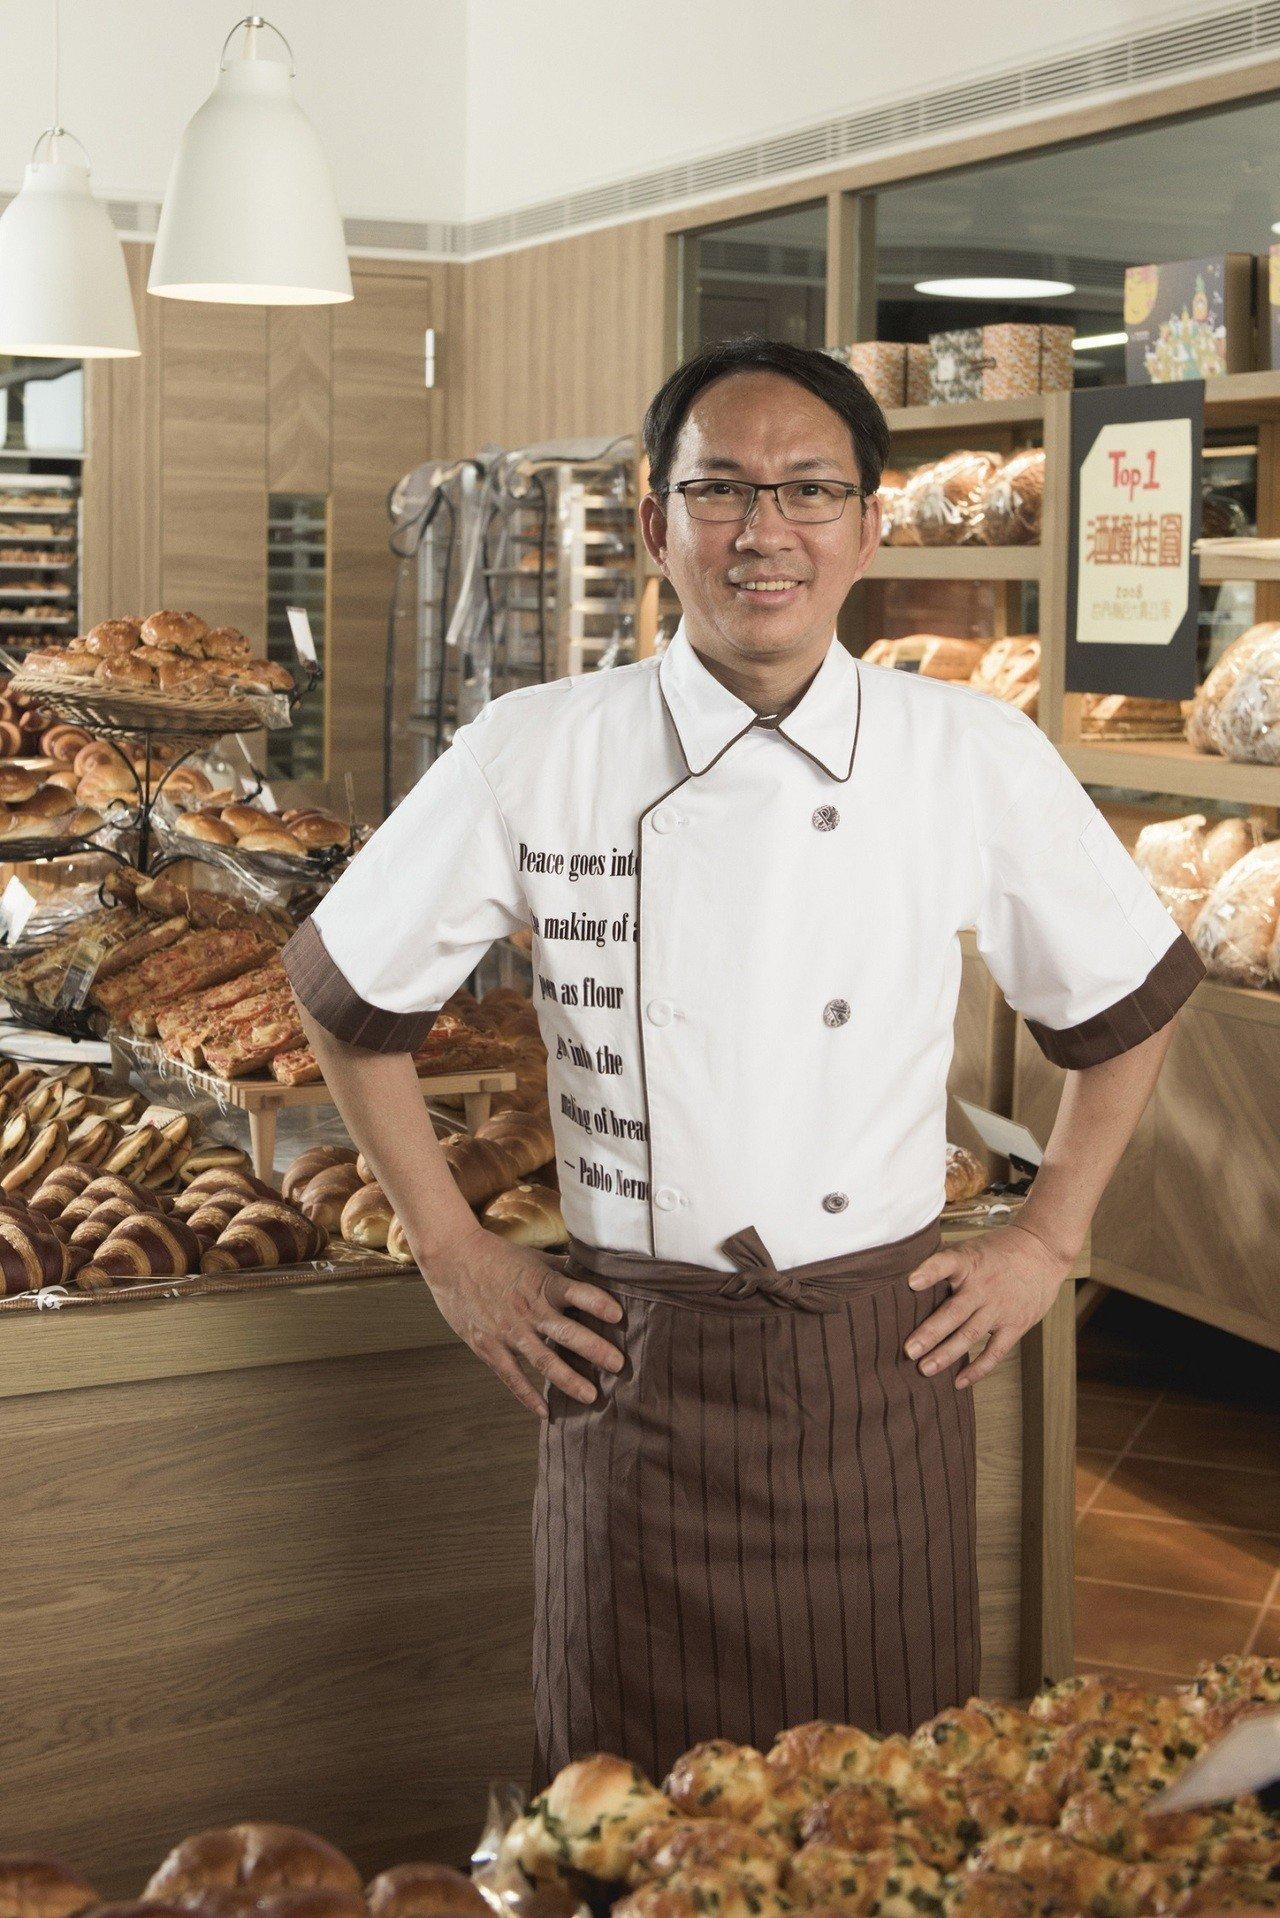 韓國瑜今天首度要麵包師吳寶春合體拚經濟,一定會引發各界矚目。圖/本報資料照片